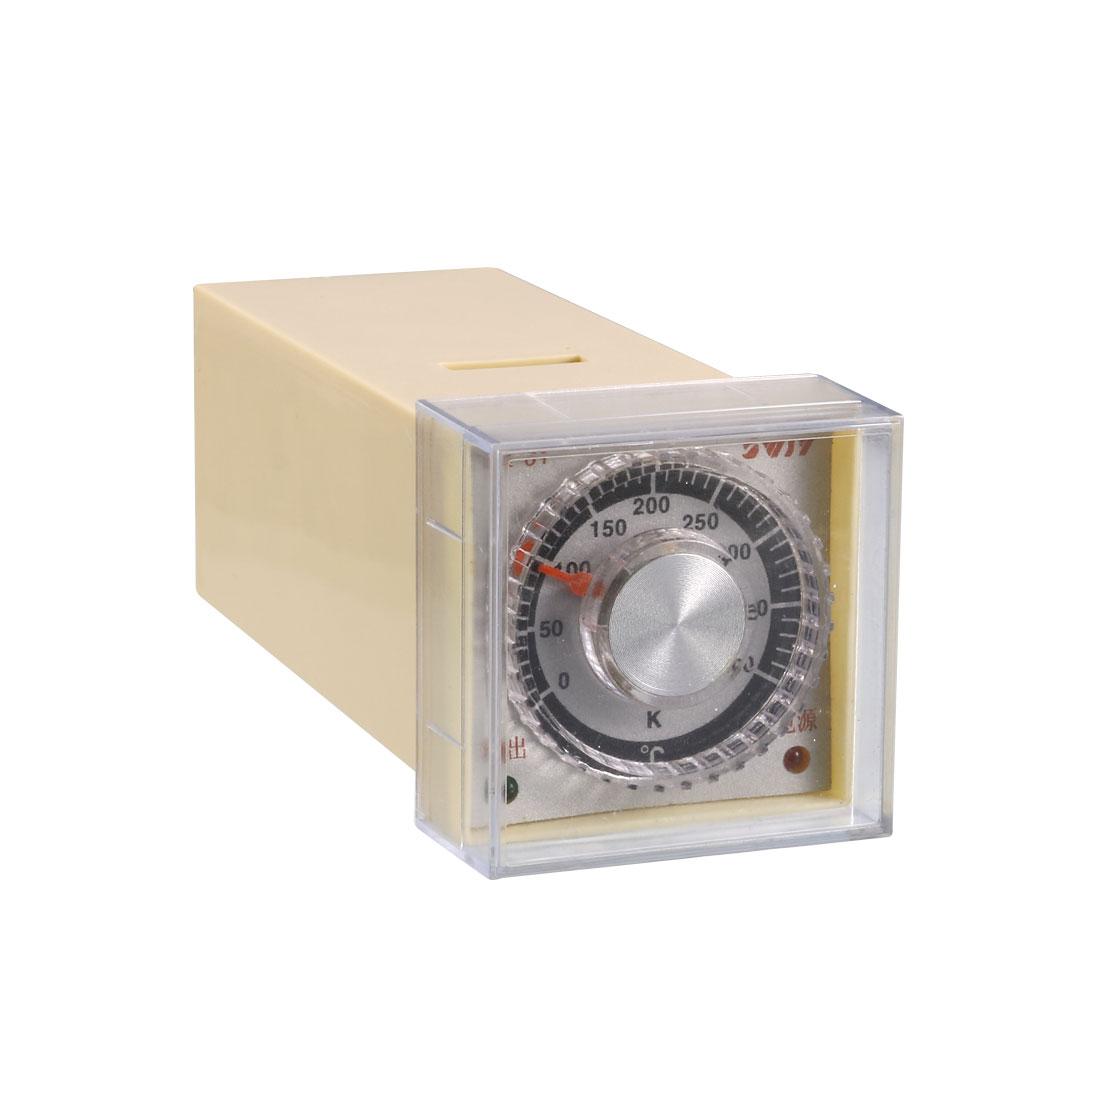 TE-01 0-400 Celsius Dial Knob Temperature Controller